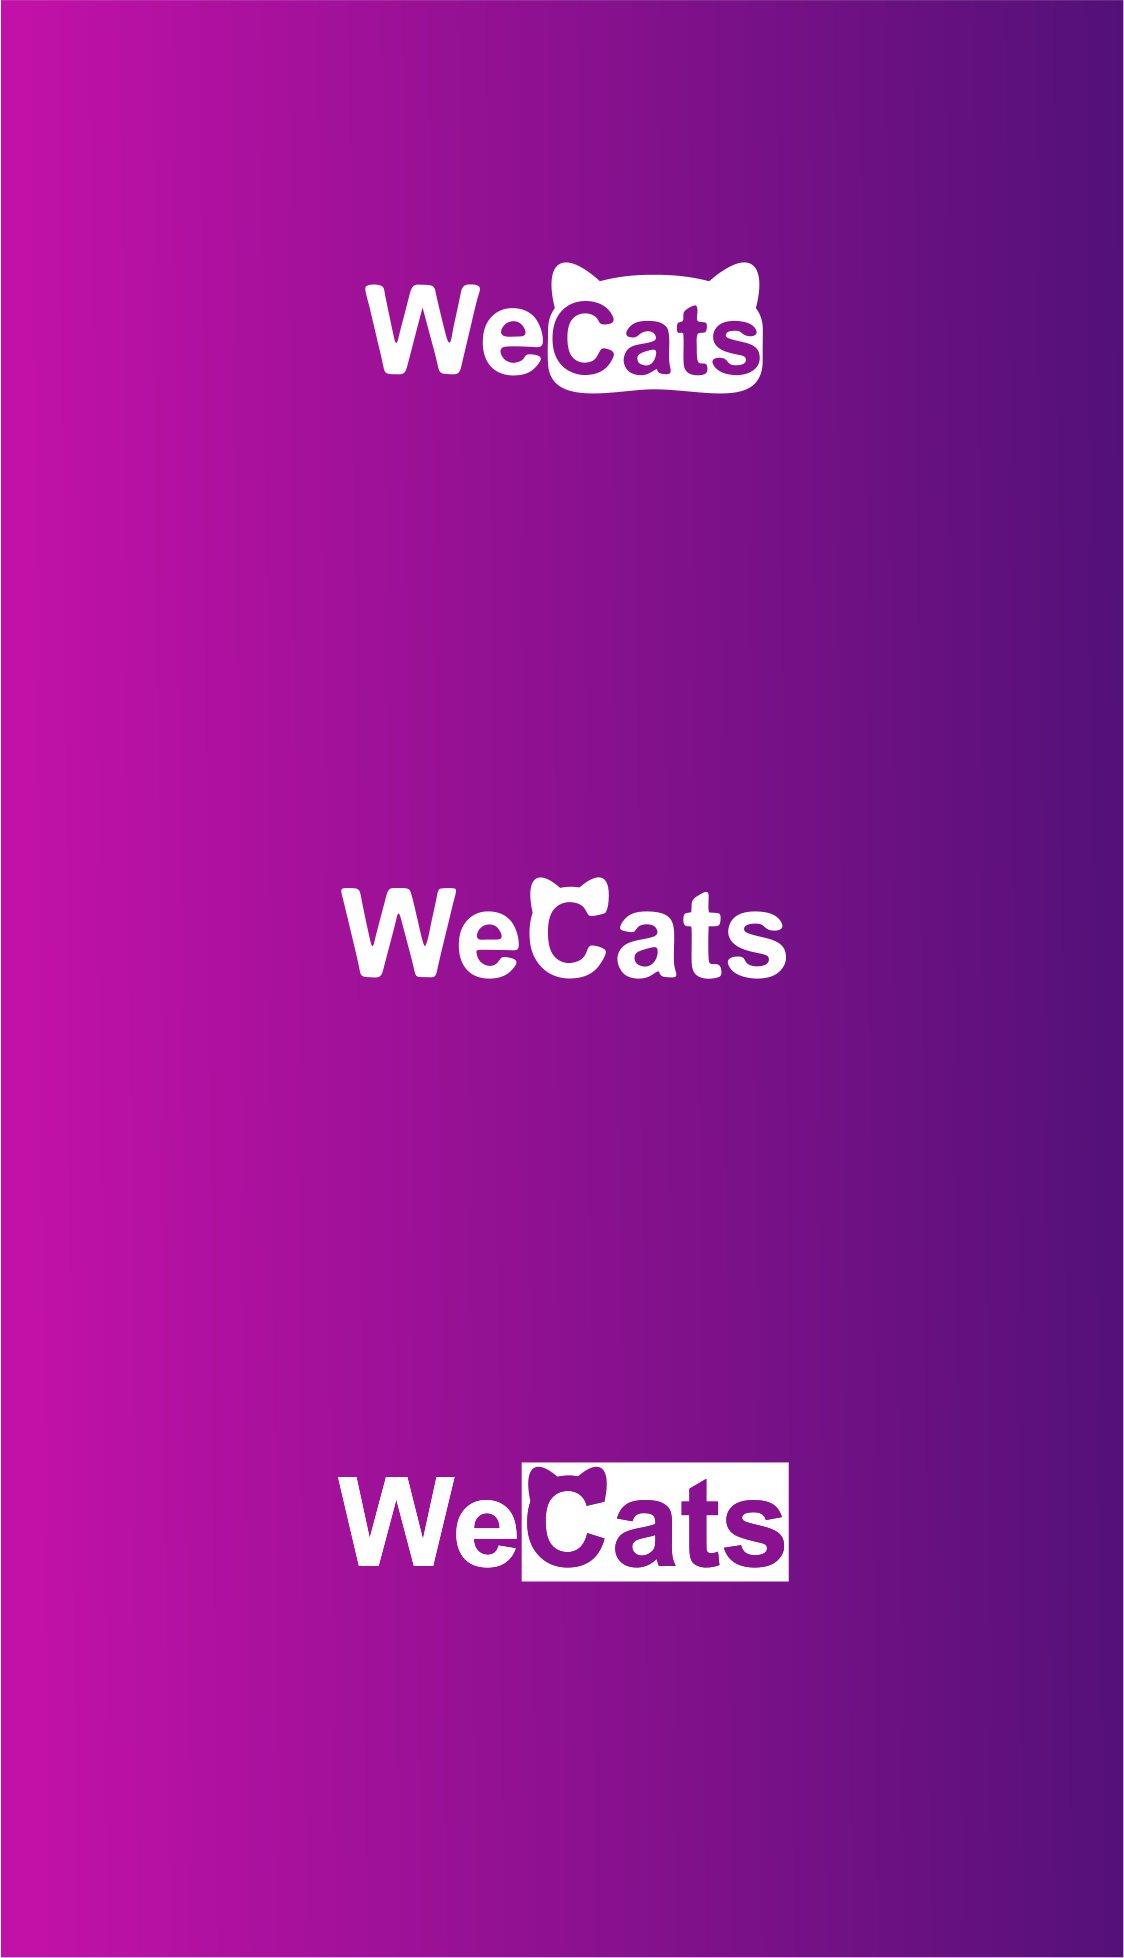 Создание логотипа WeCats фото f_8325f1a19bf18e1f.jpg